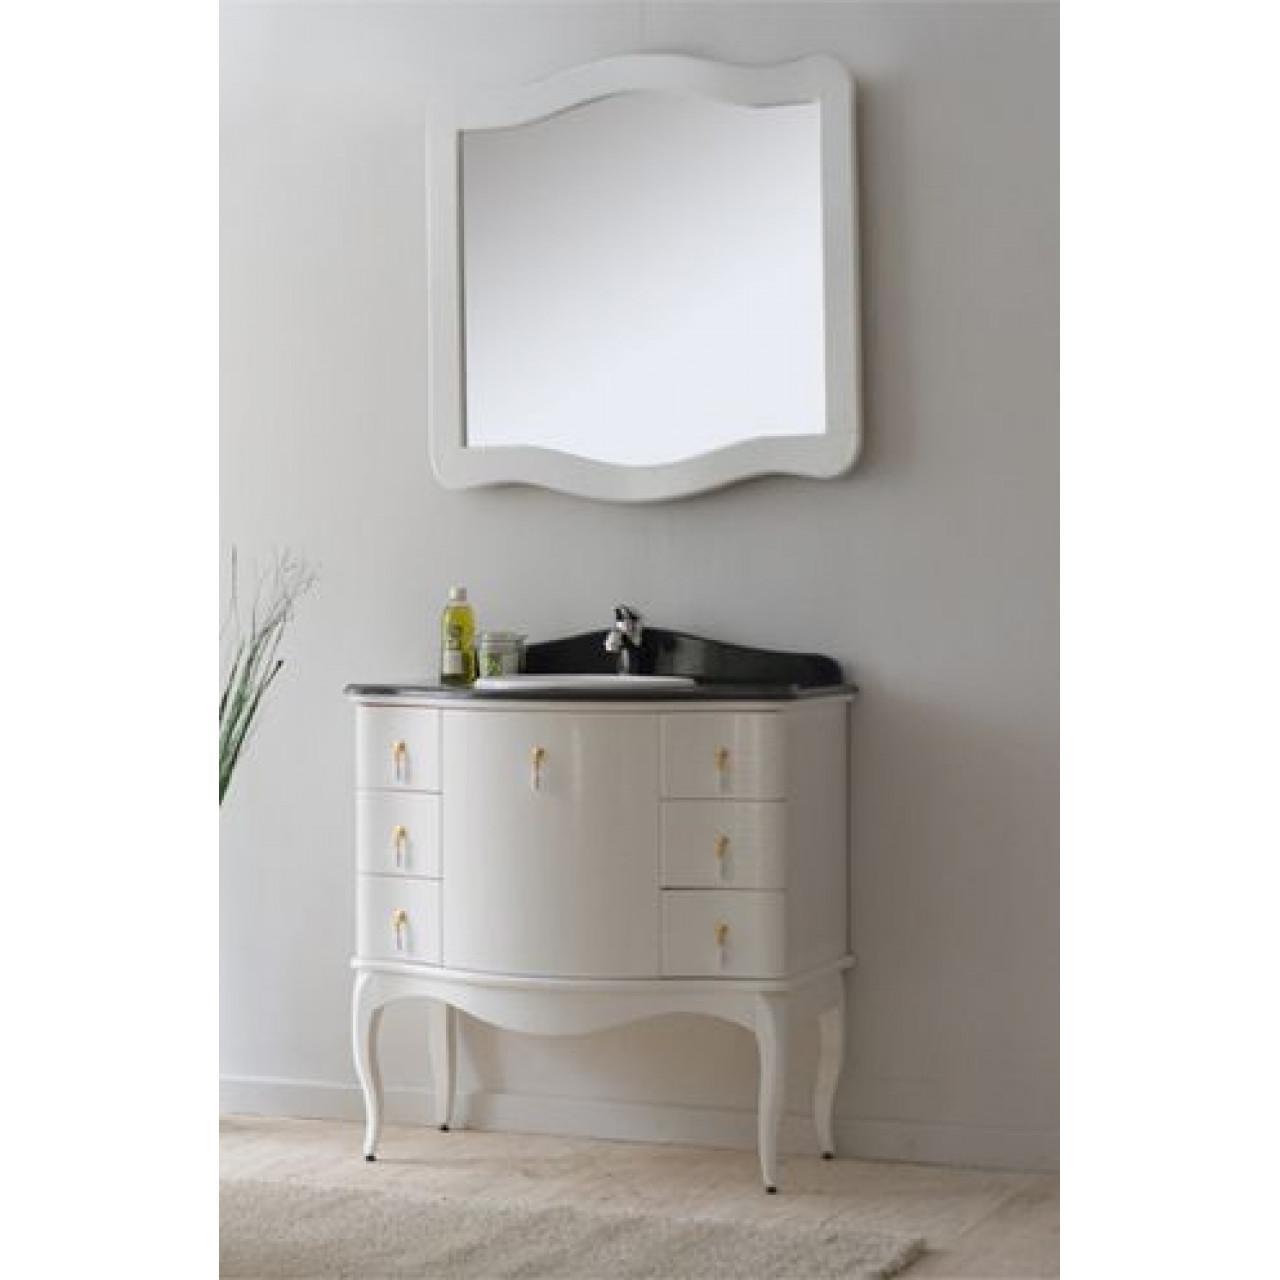 Комплект мебели Аллигатор Роял Комфорт E(M) 80 купить в Москве по цене от 114600р. в интернет-магазине mebel-v-vannu.ru